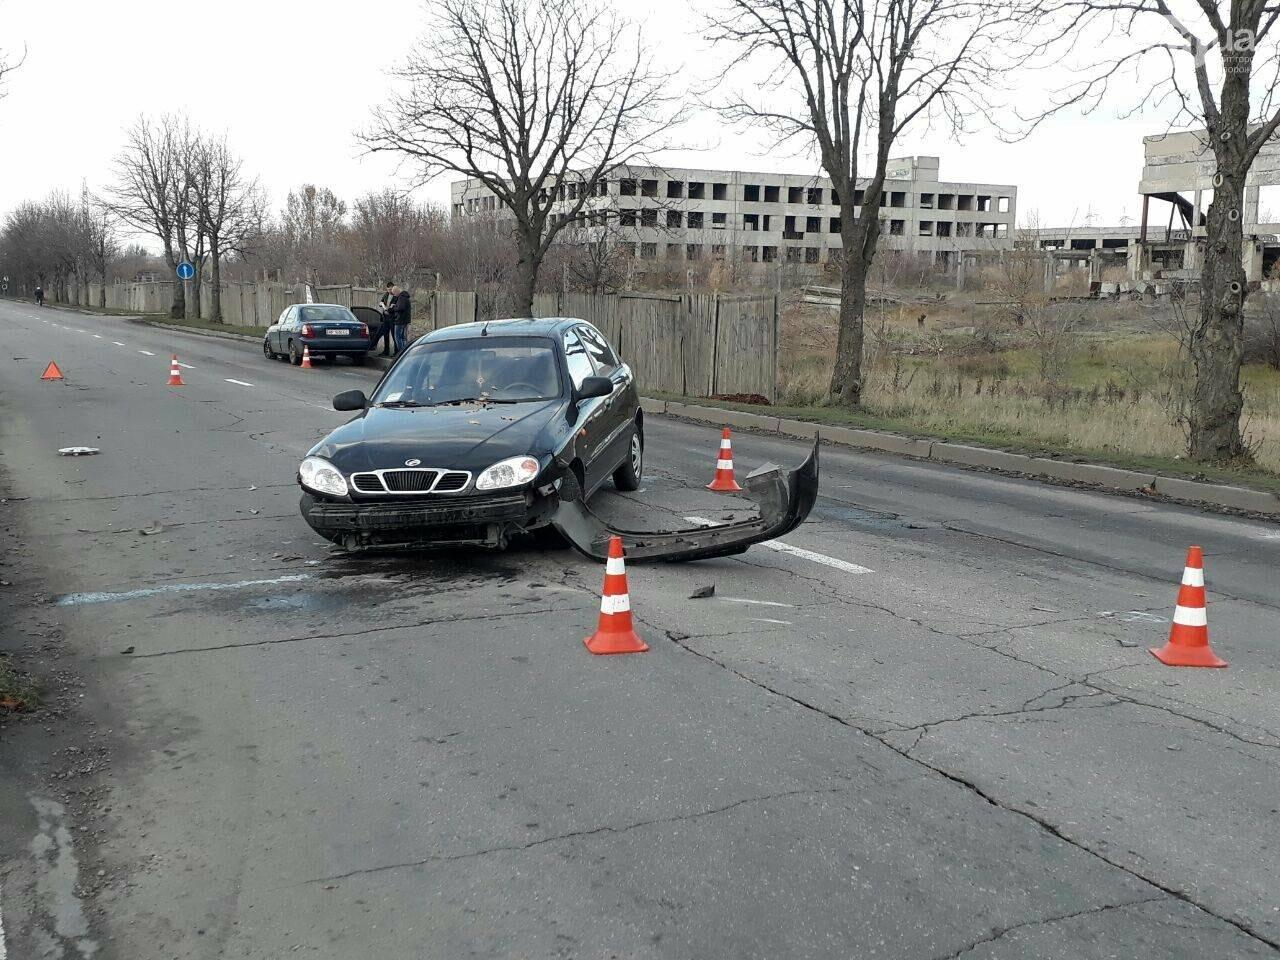 В Запорожье столкнулись два авто: у машин серьезные повреждения - ФОТО, фото-1